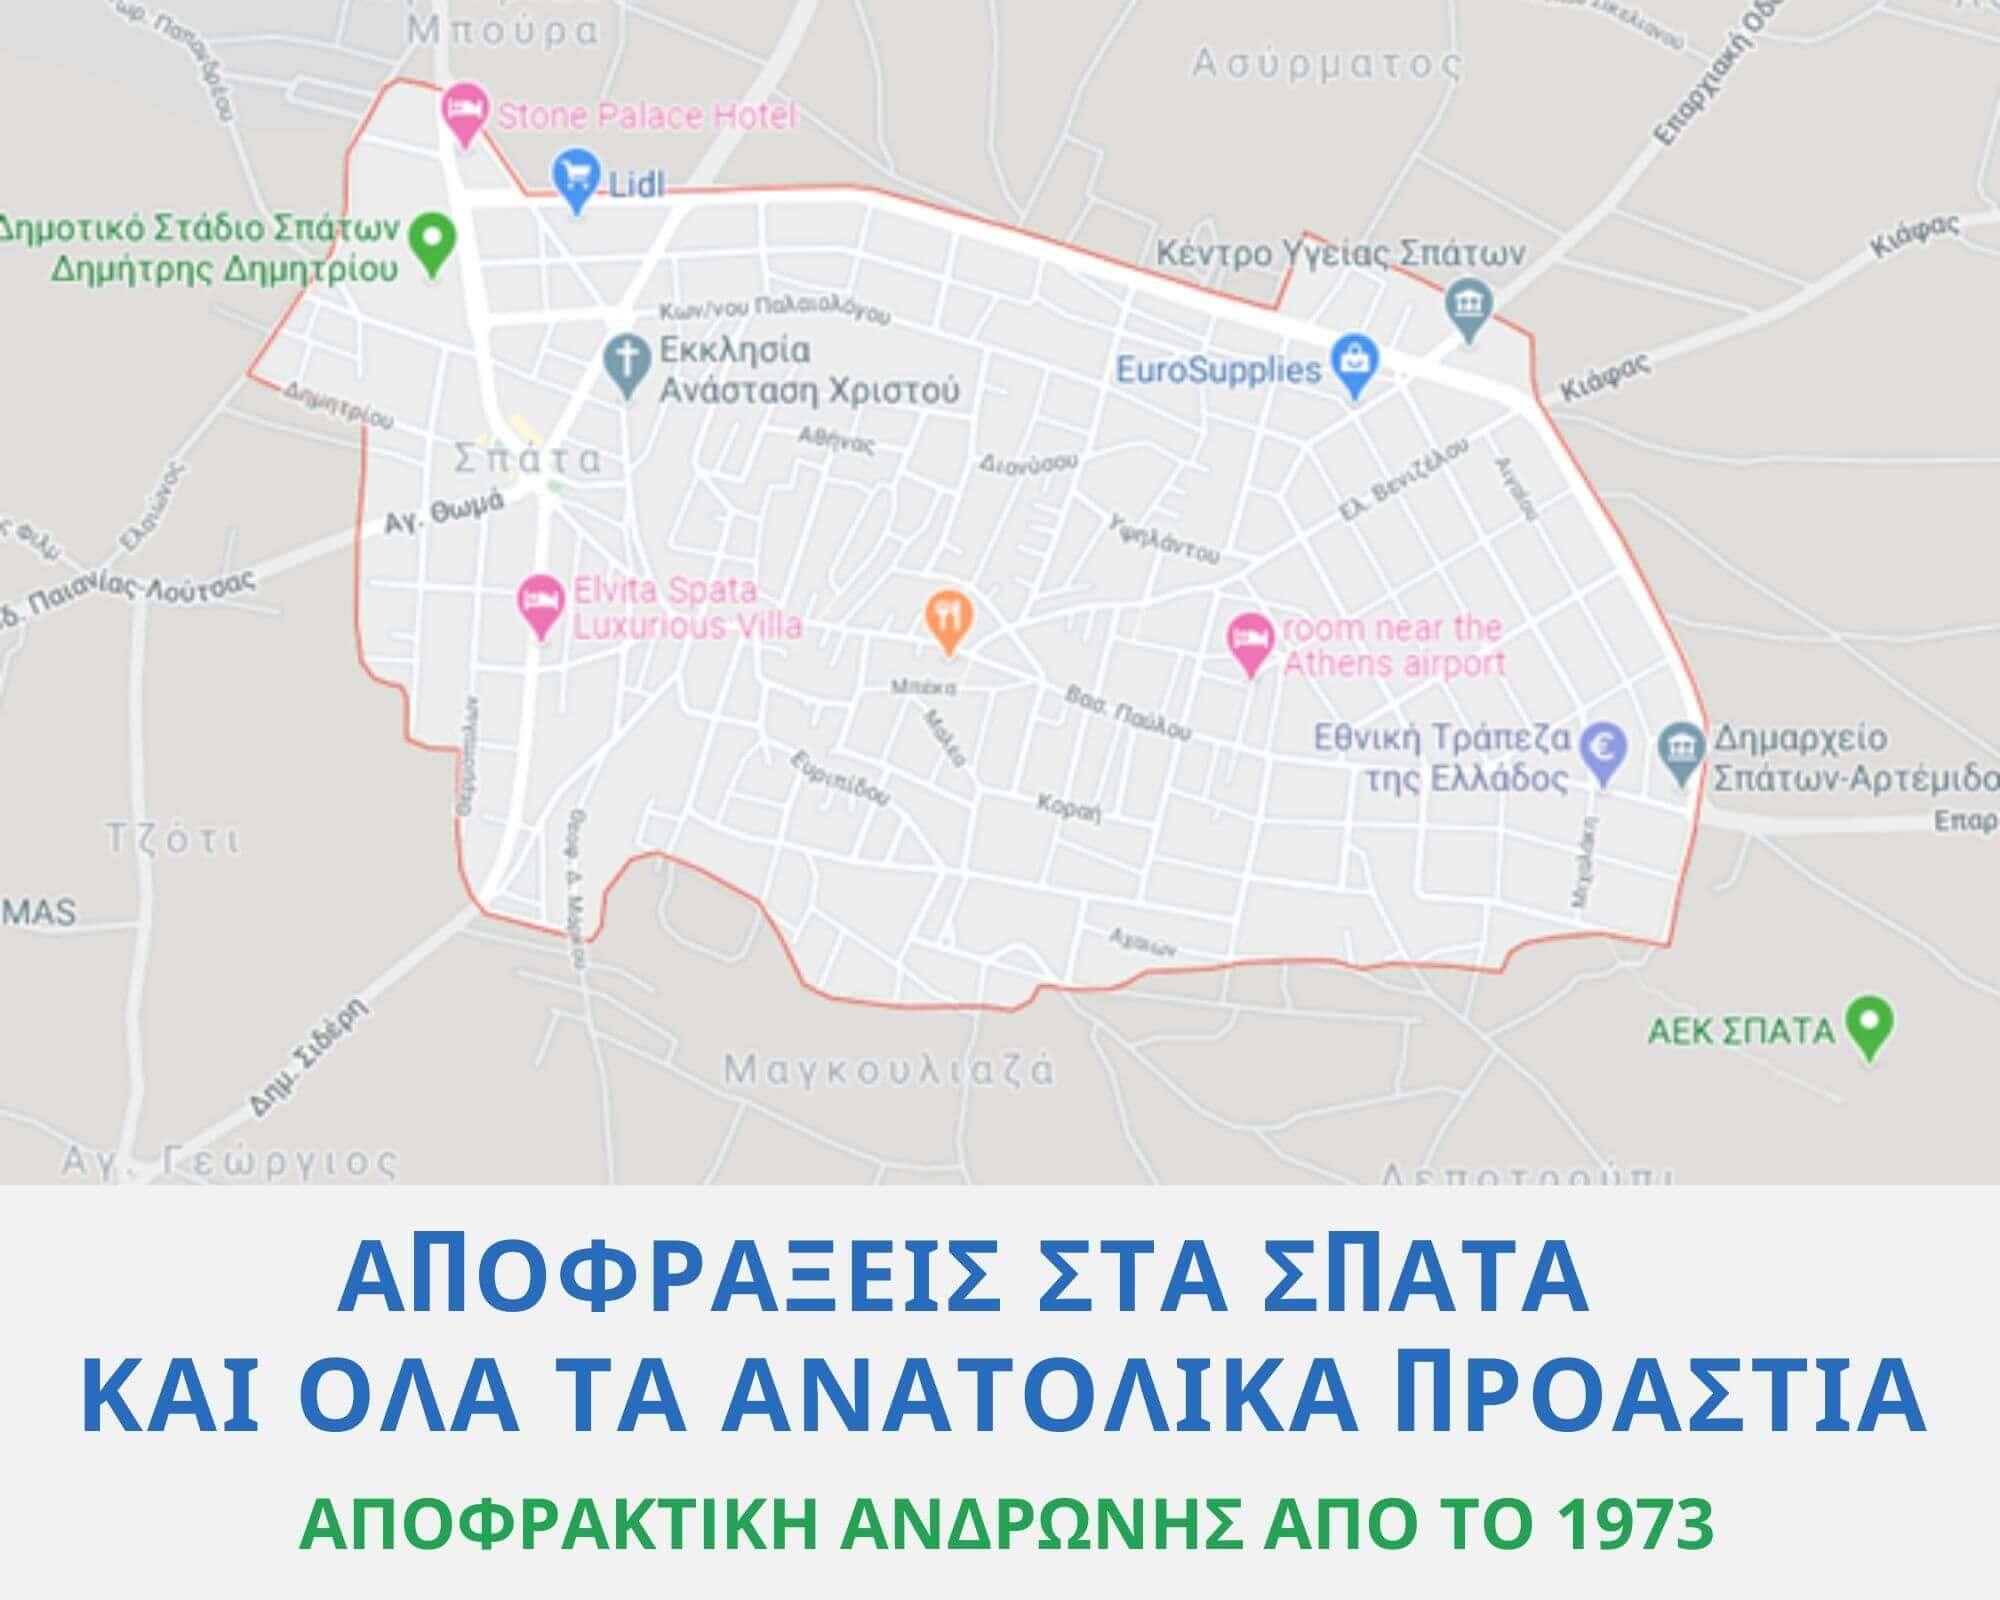 Αποφράξεις Σπάτα - 213.02.50.818 - Αποφράξεις Αθήνα